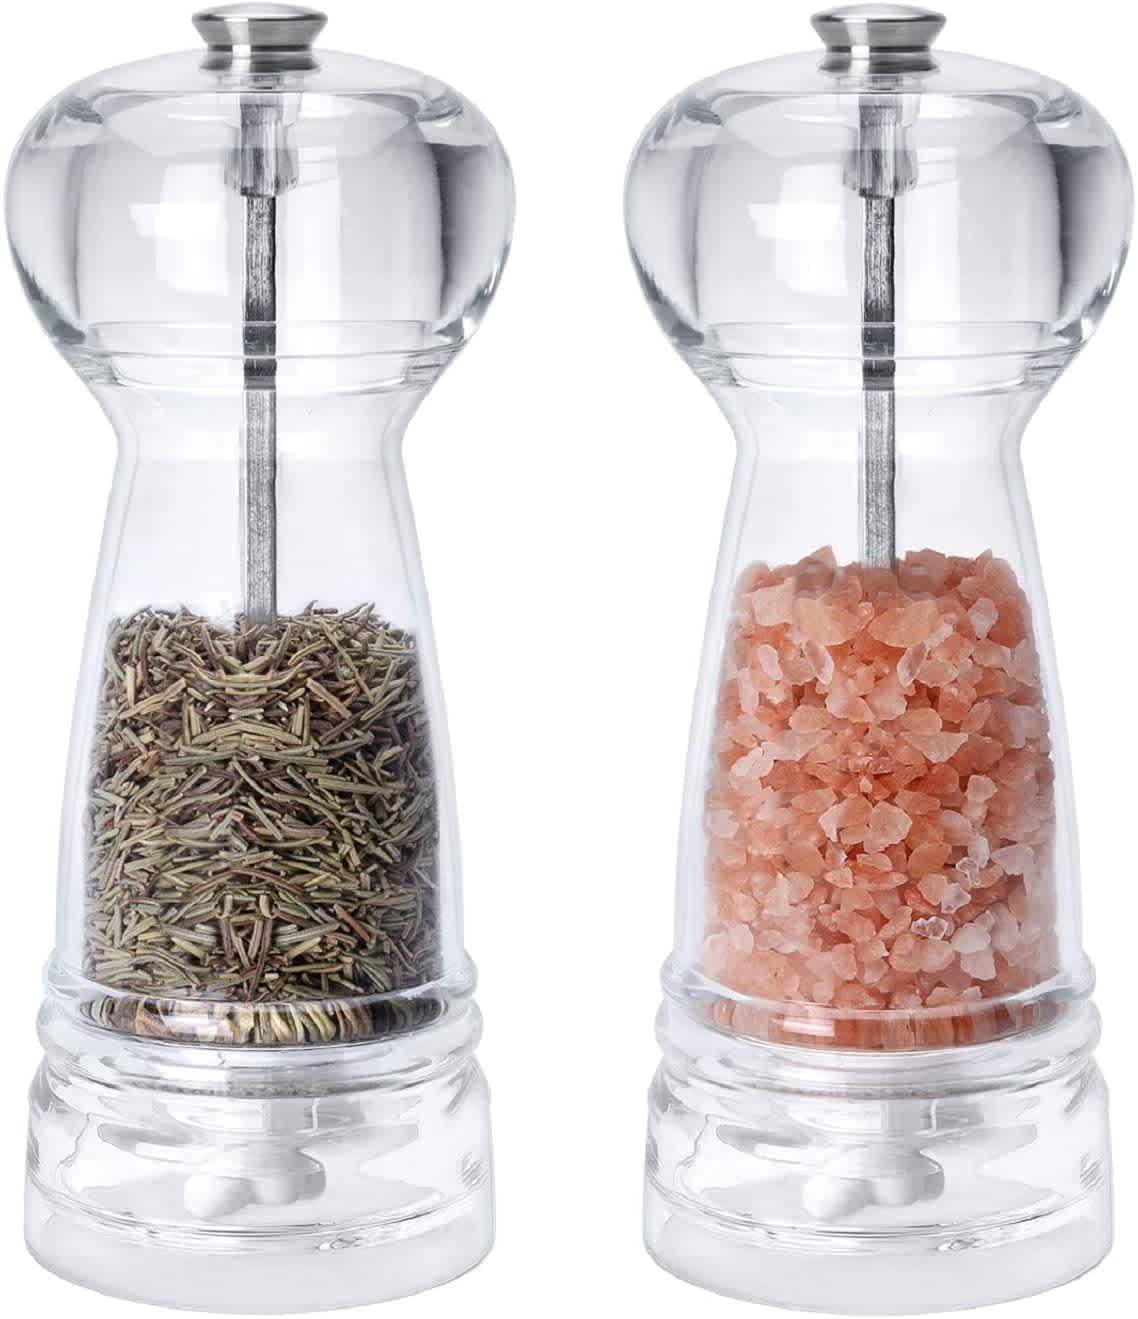 Vevok Chef Salt & Pepper Grinder Mill Set